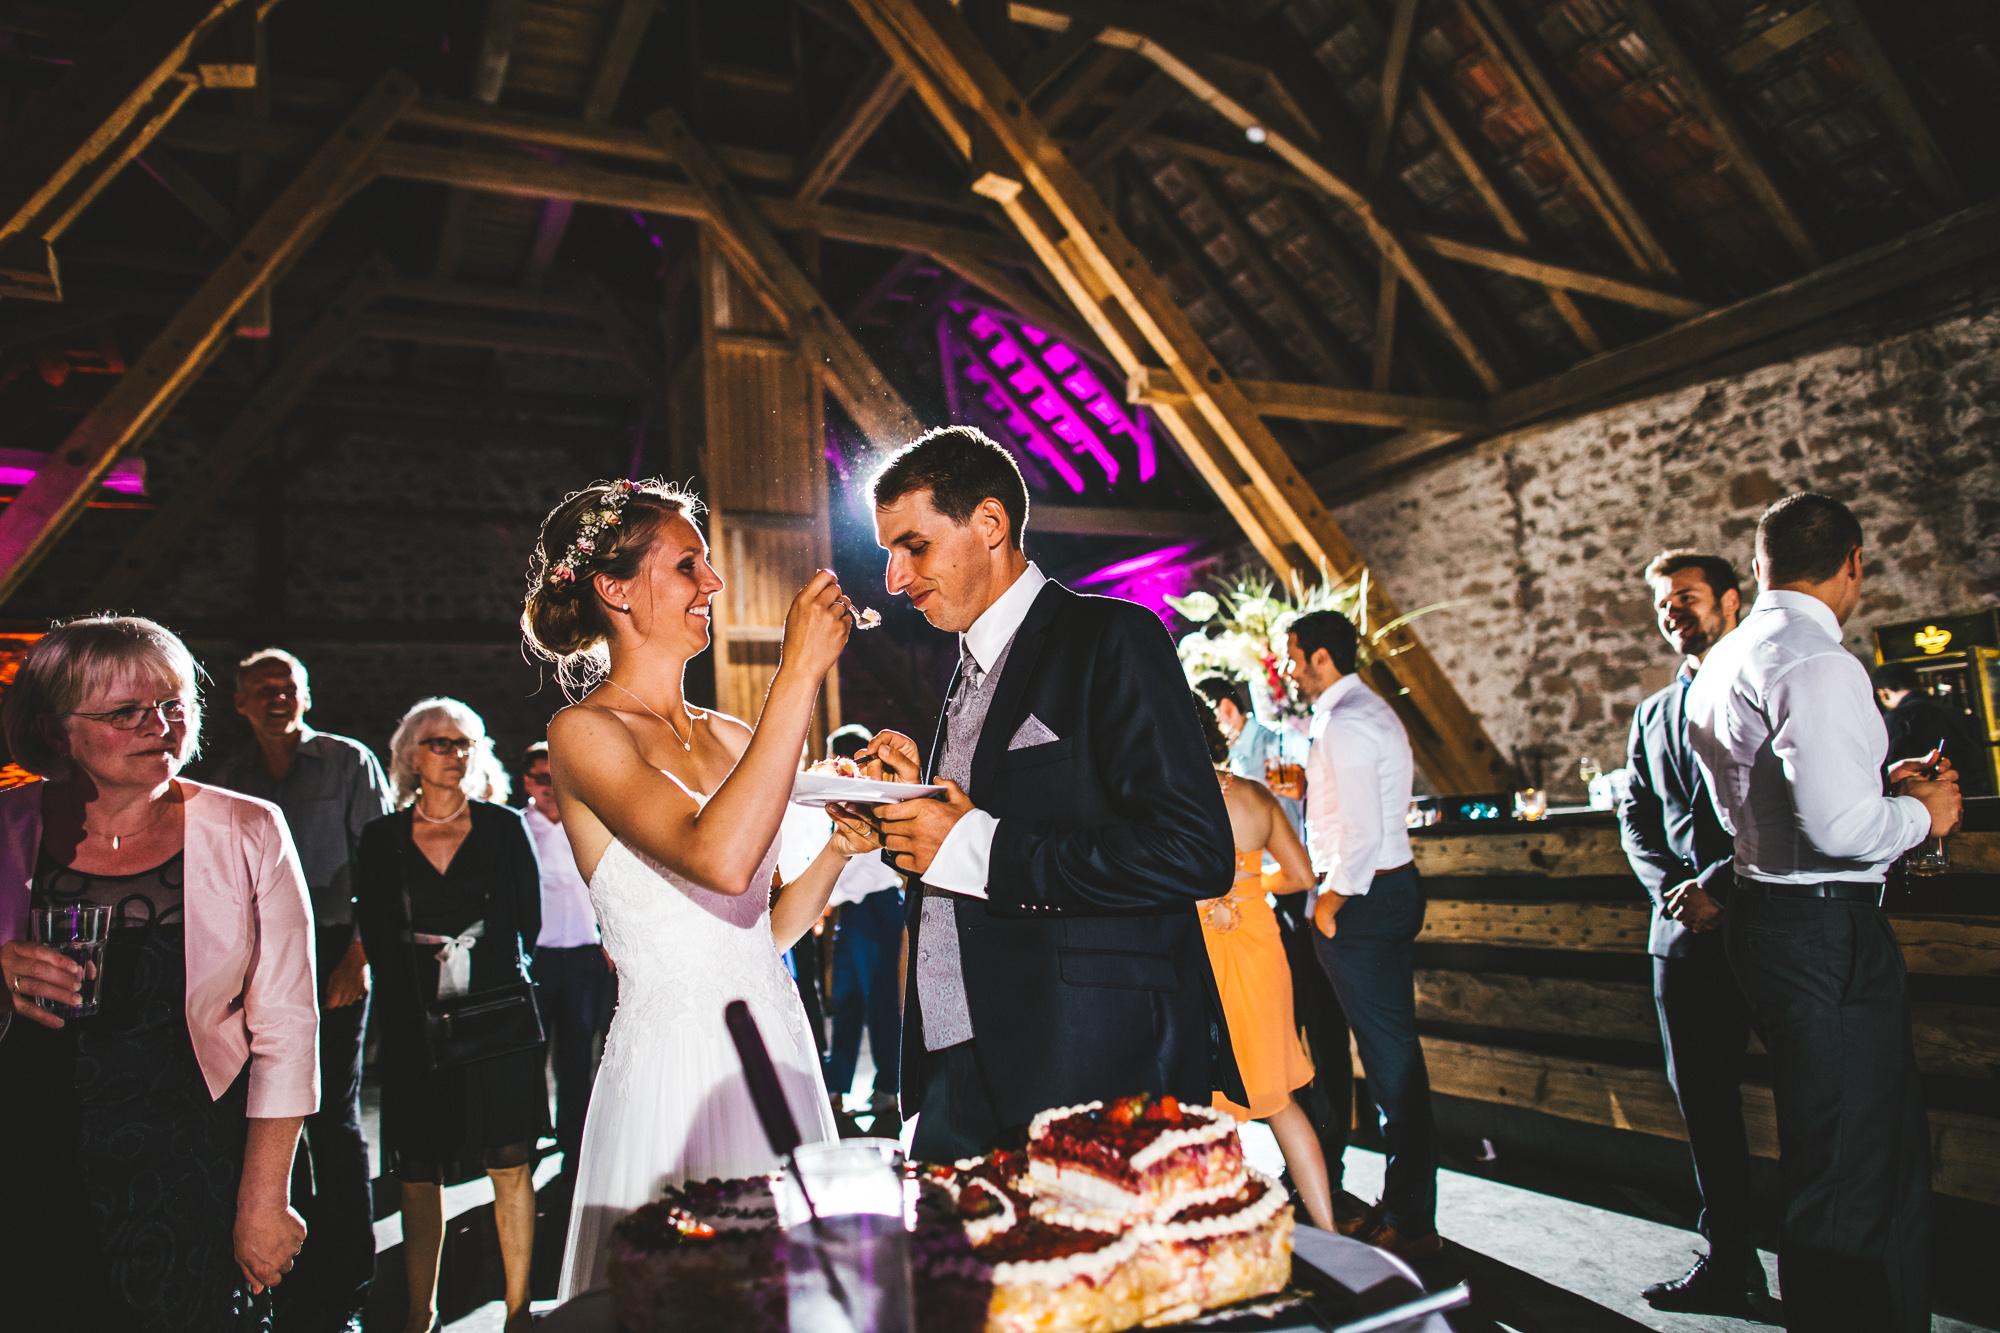 annethomas 536 - Hochzeit im wunderschönen Ladenburg in Eichenstolz